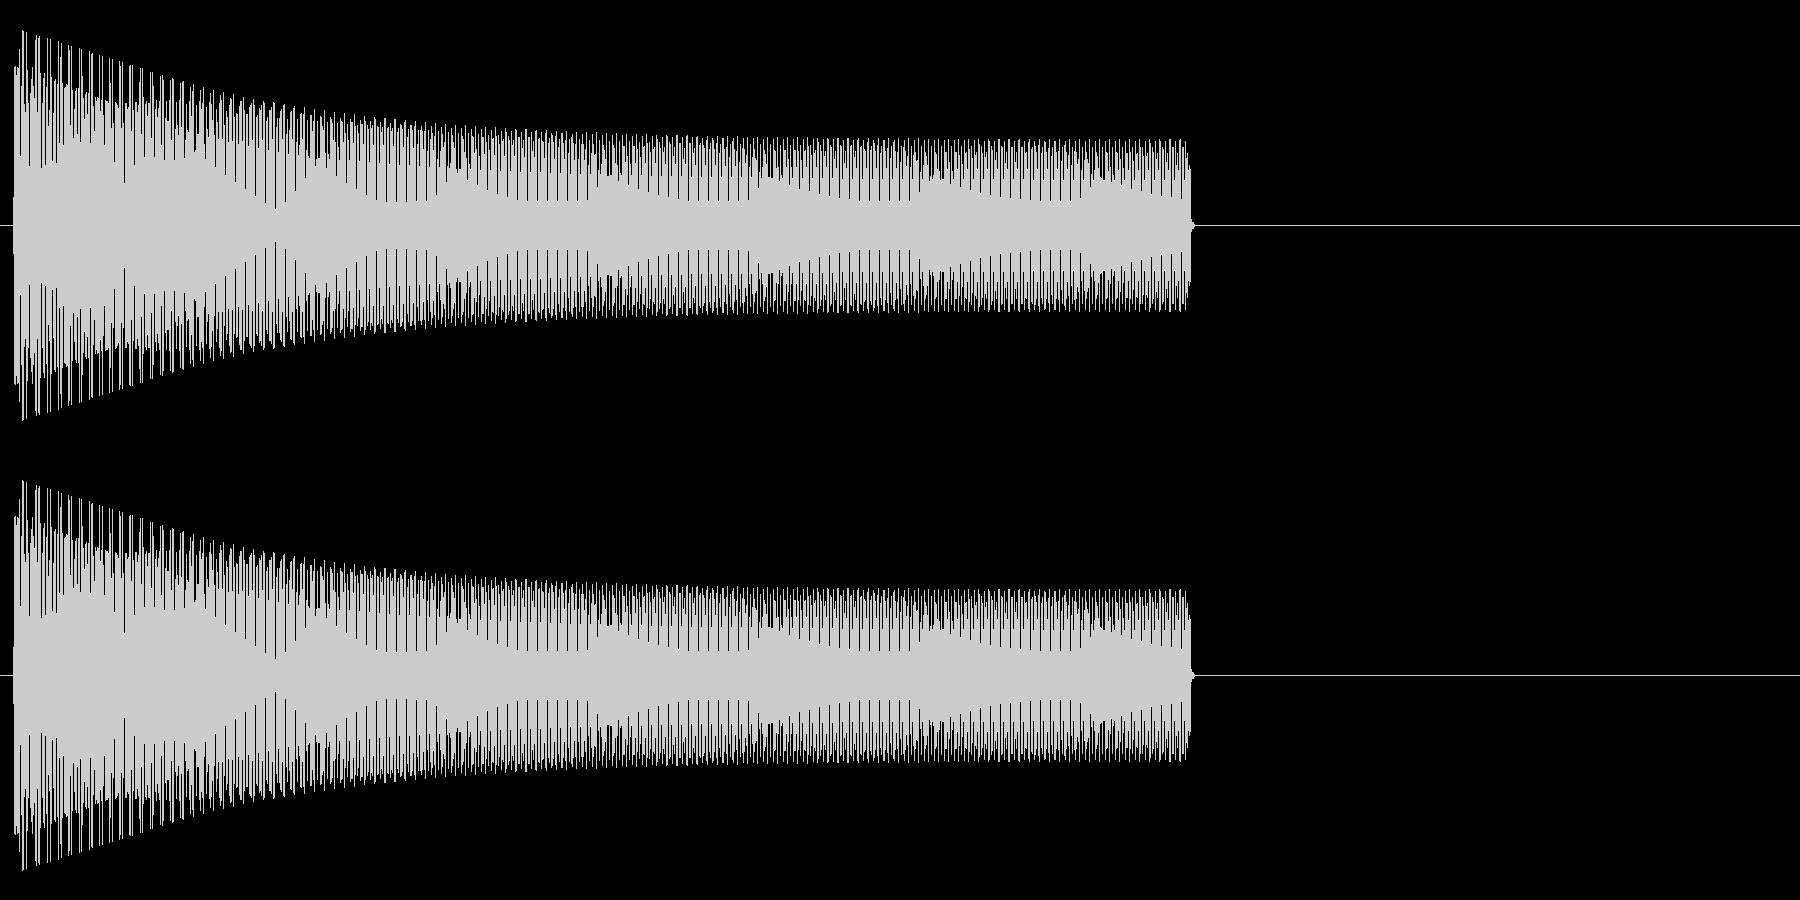 ブゥーーー(電子的)の未再生の波形